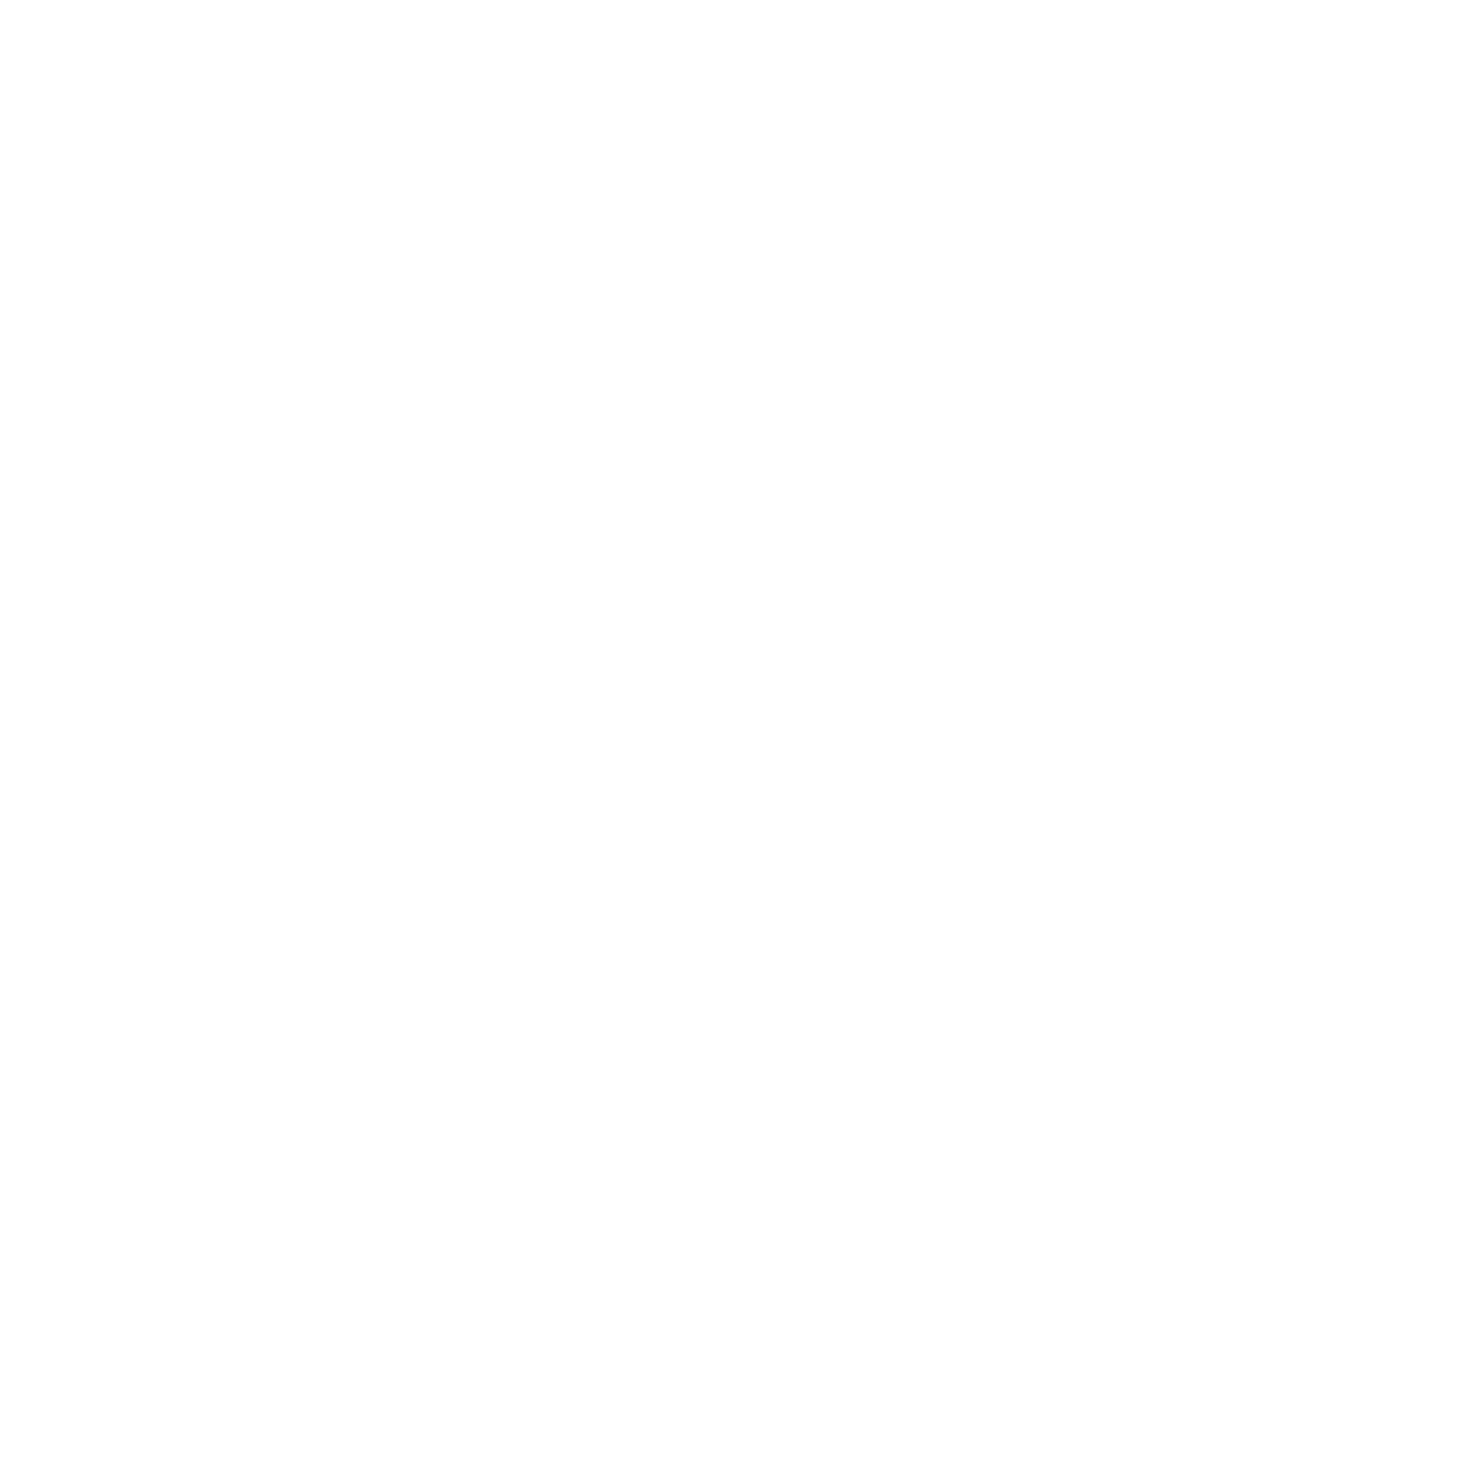 beytolqazal